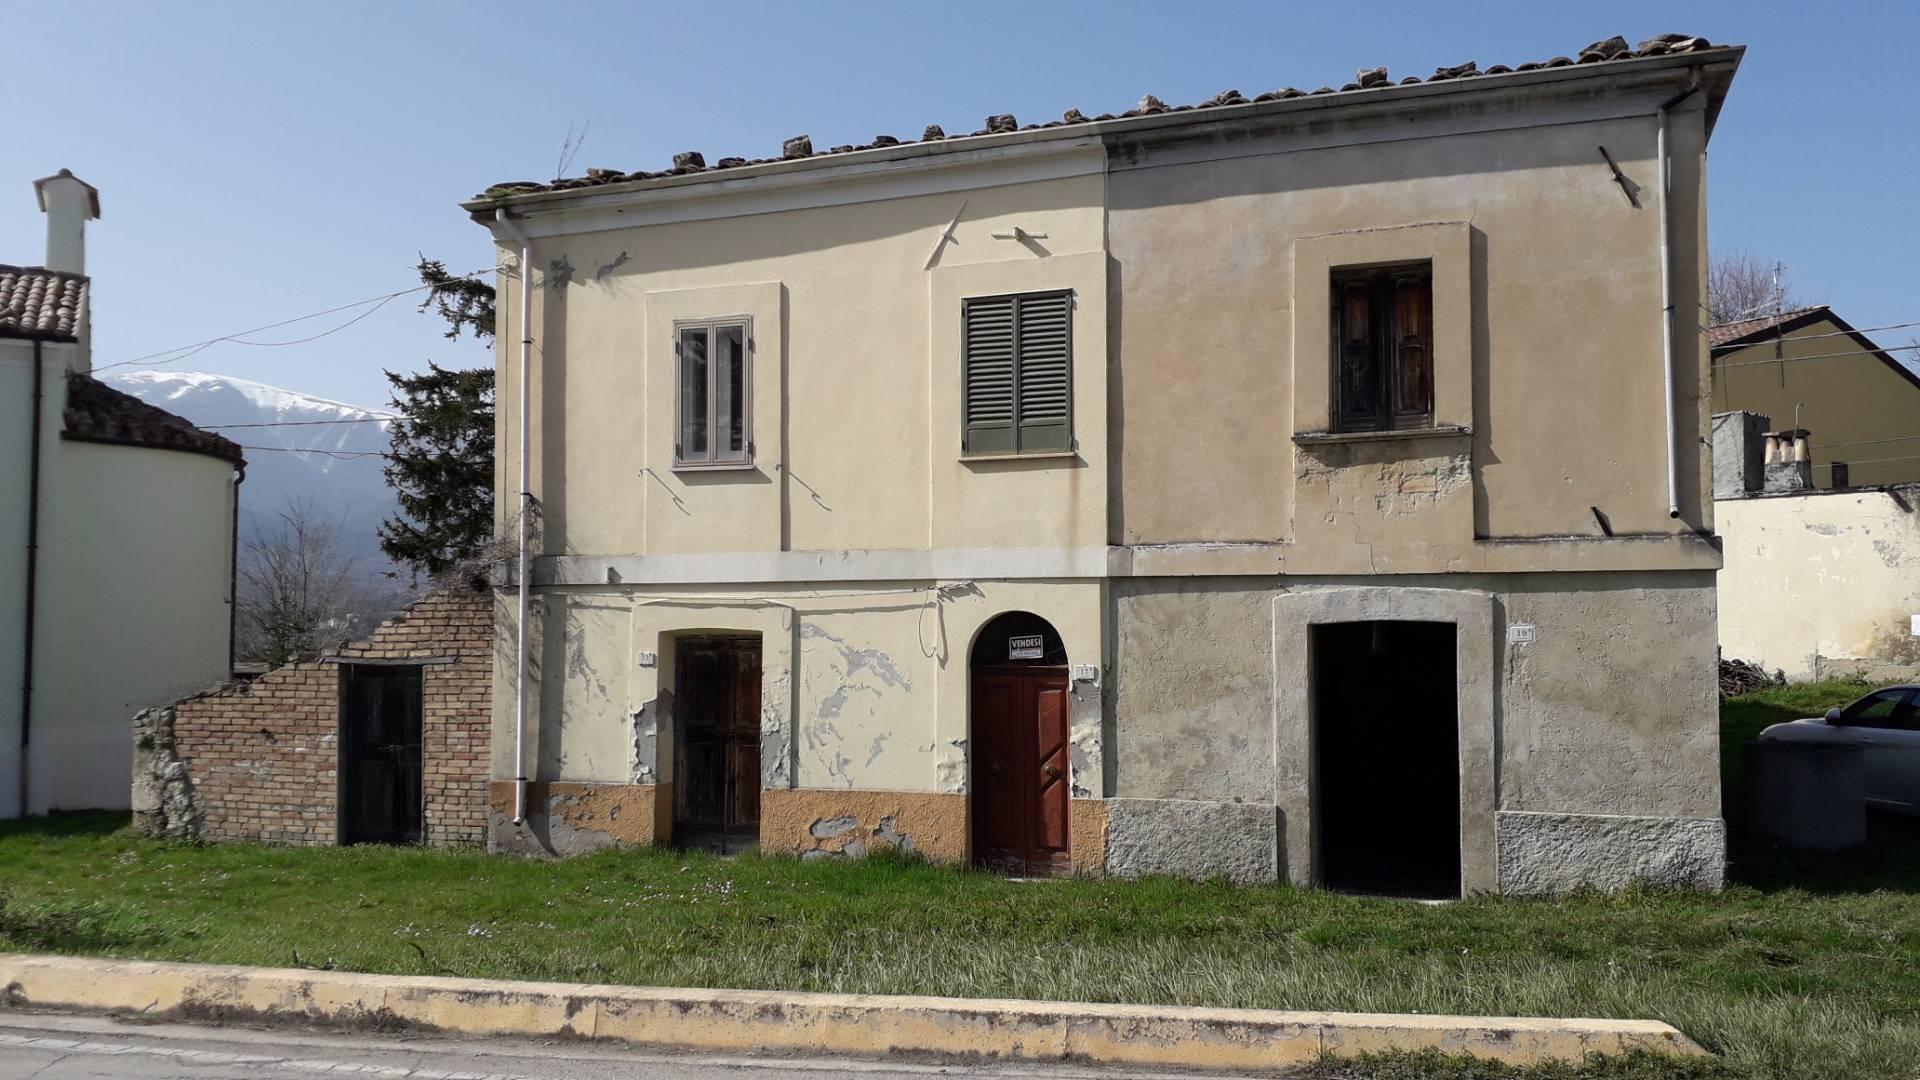 Rustico in vendita a San Martino Sulla Marrucina (CH)